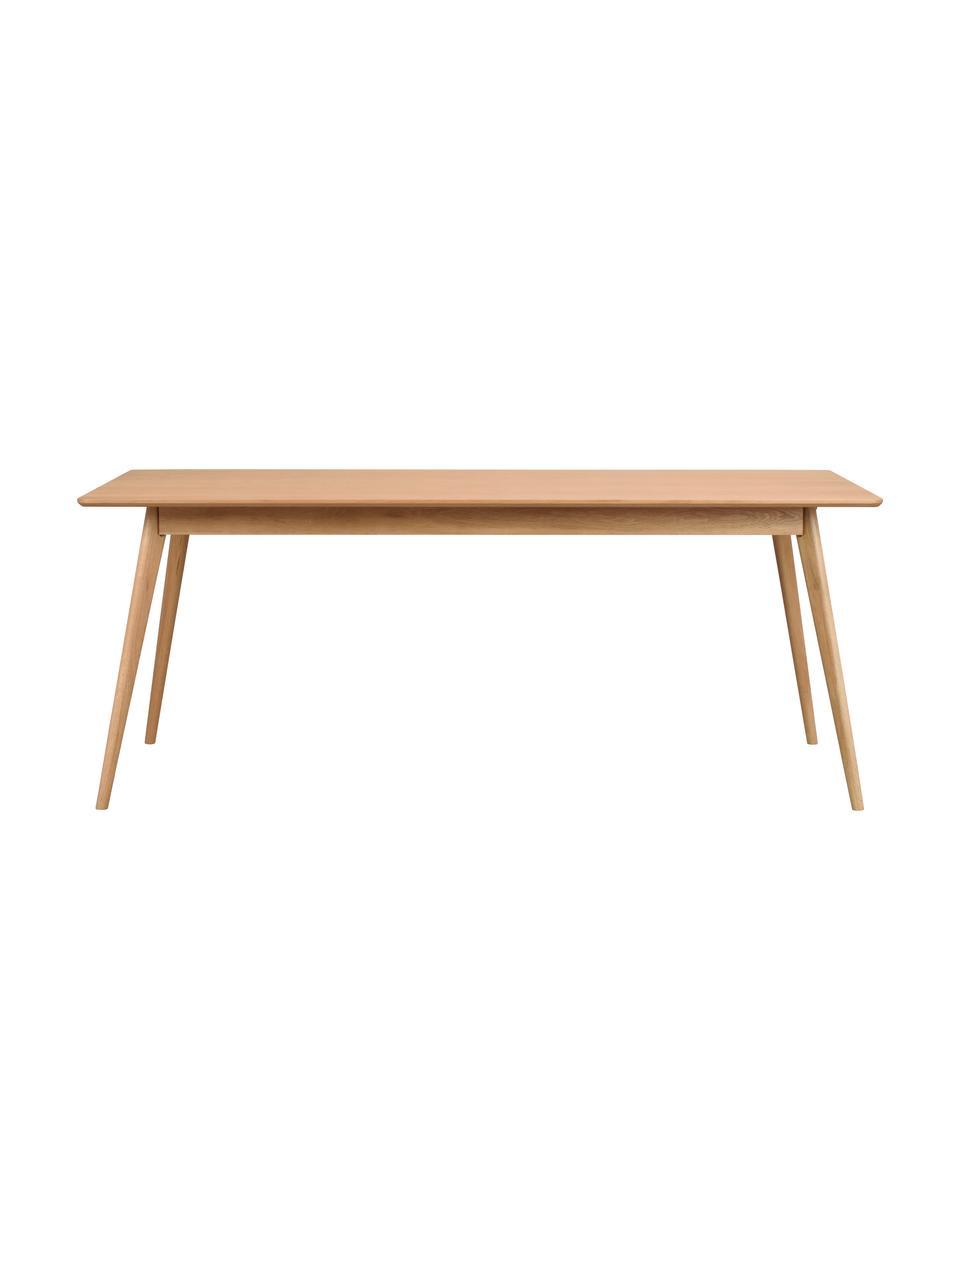 Tavolo stile nordico in legno di quercia Yumi, 190x90 cm, Piano d'appoggio: pannello di fibra a media, Gambe: albero della gomma massel, Legno di quercia, Larg. 190 x Prof. 90 cm